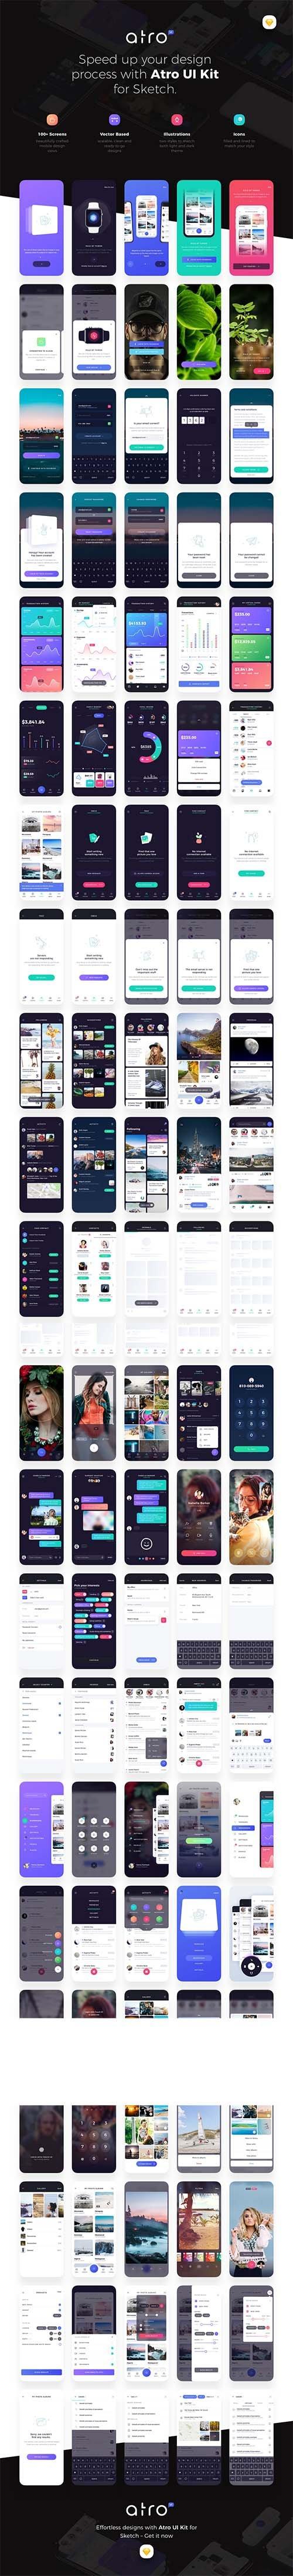 Atro Mobile UI Kit